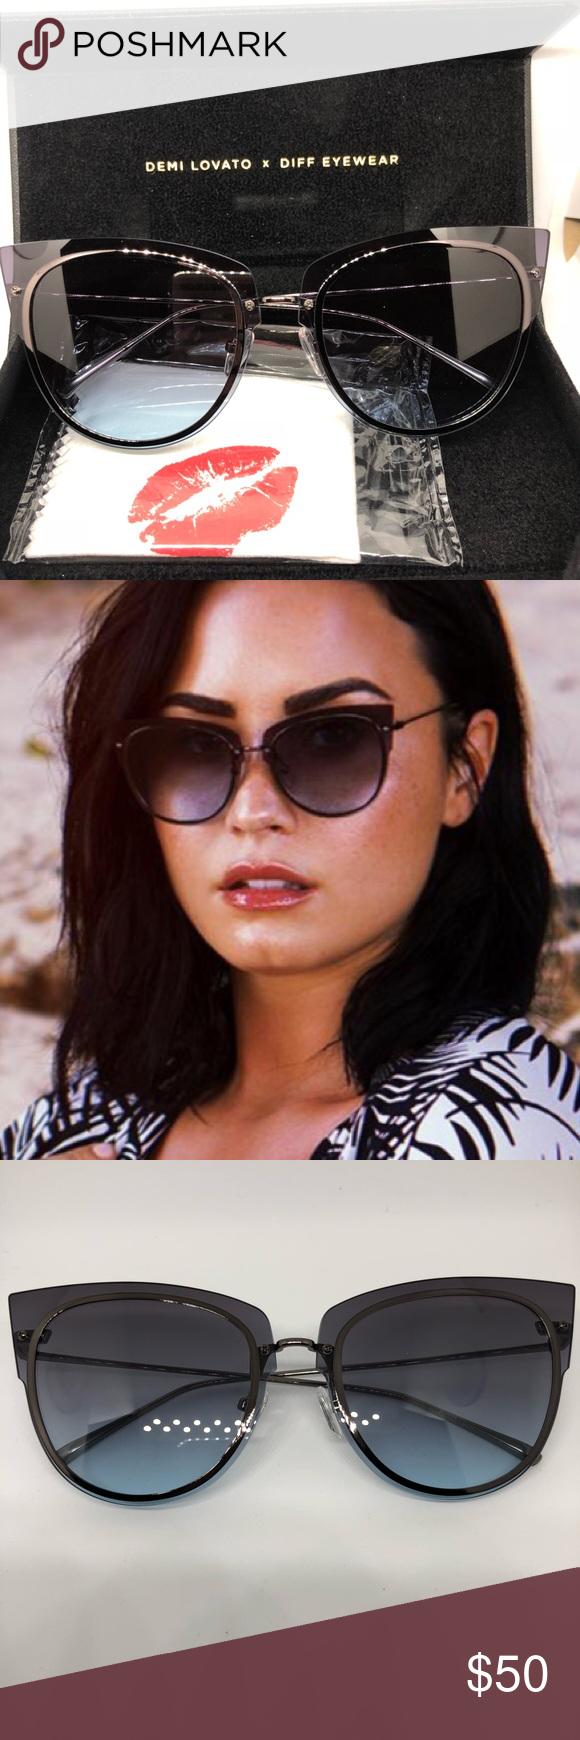 5f7710c05d Demi Lovato x Diff Eyewear gunmetal grey blue lens NWT